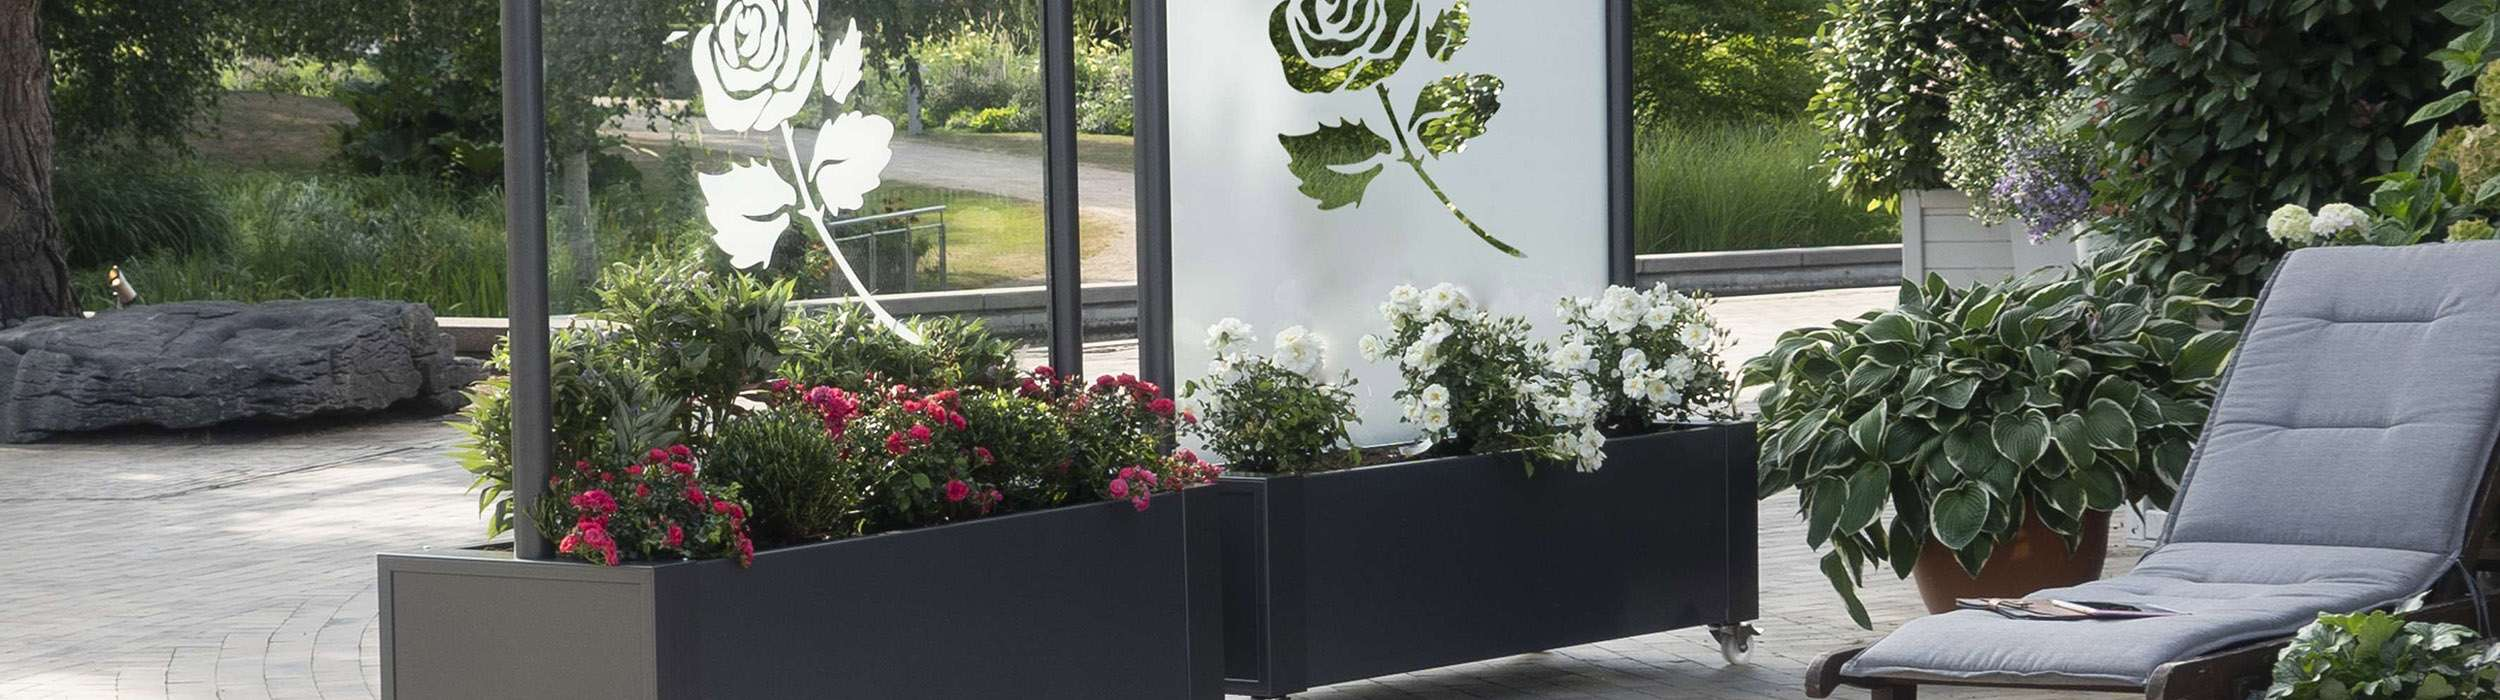 Full Size of Sichtschutz Hochbeet Schmal Balkon Pflanzen Terrasse Kaufen Mit Selber Bauen Als Bepflanzbarer Und Aus Glas Jetzt Bestellen Garten Holz Sichtschutzfolien Für Wohnzimmer Sichtschutz Hochbeet